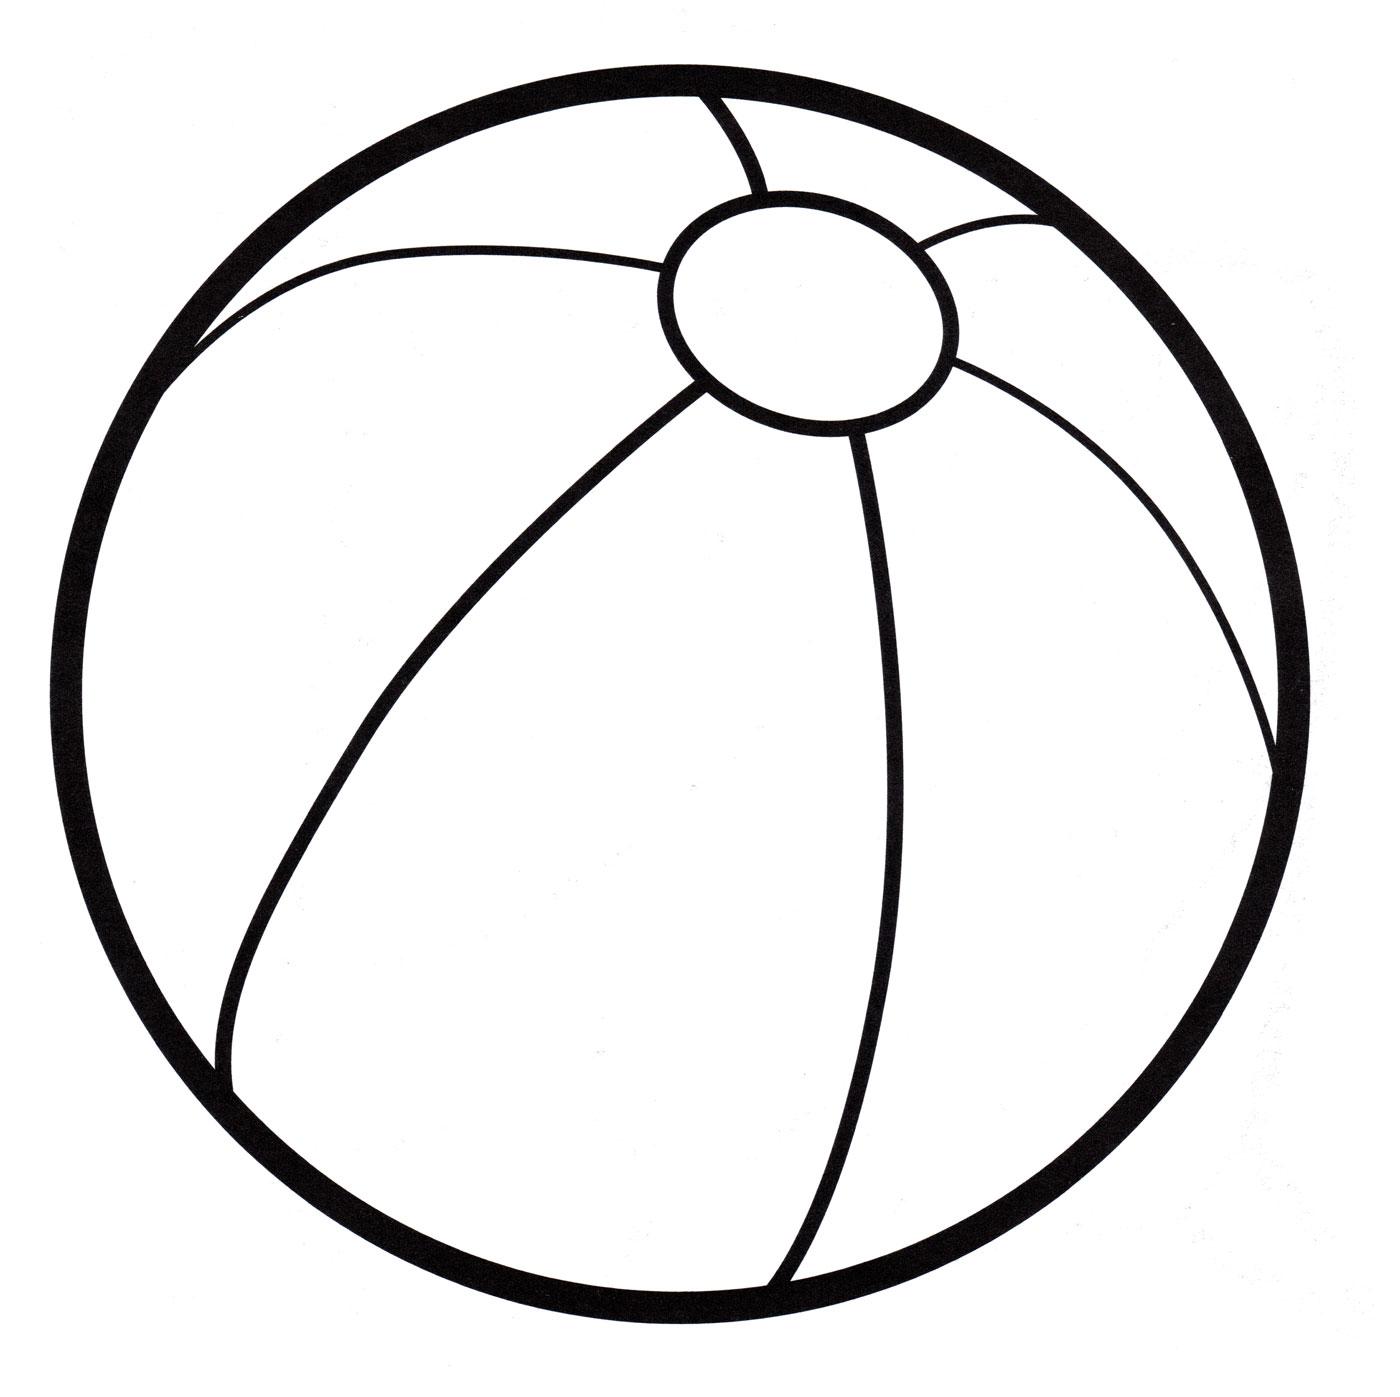 Мячи раскраска для детей